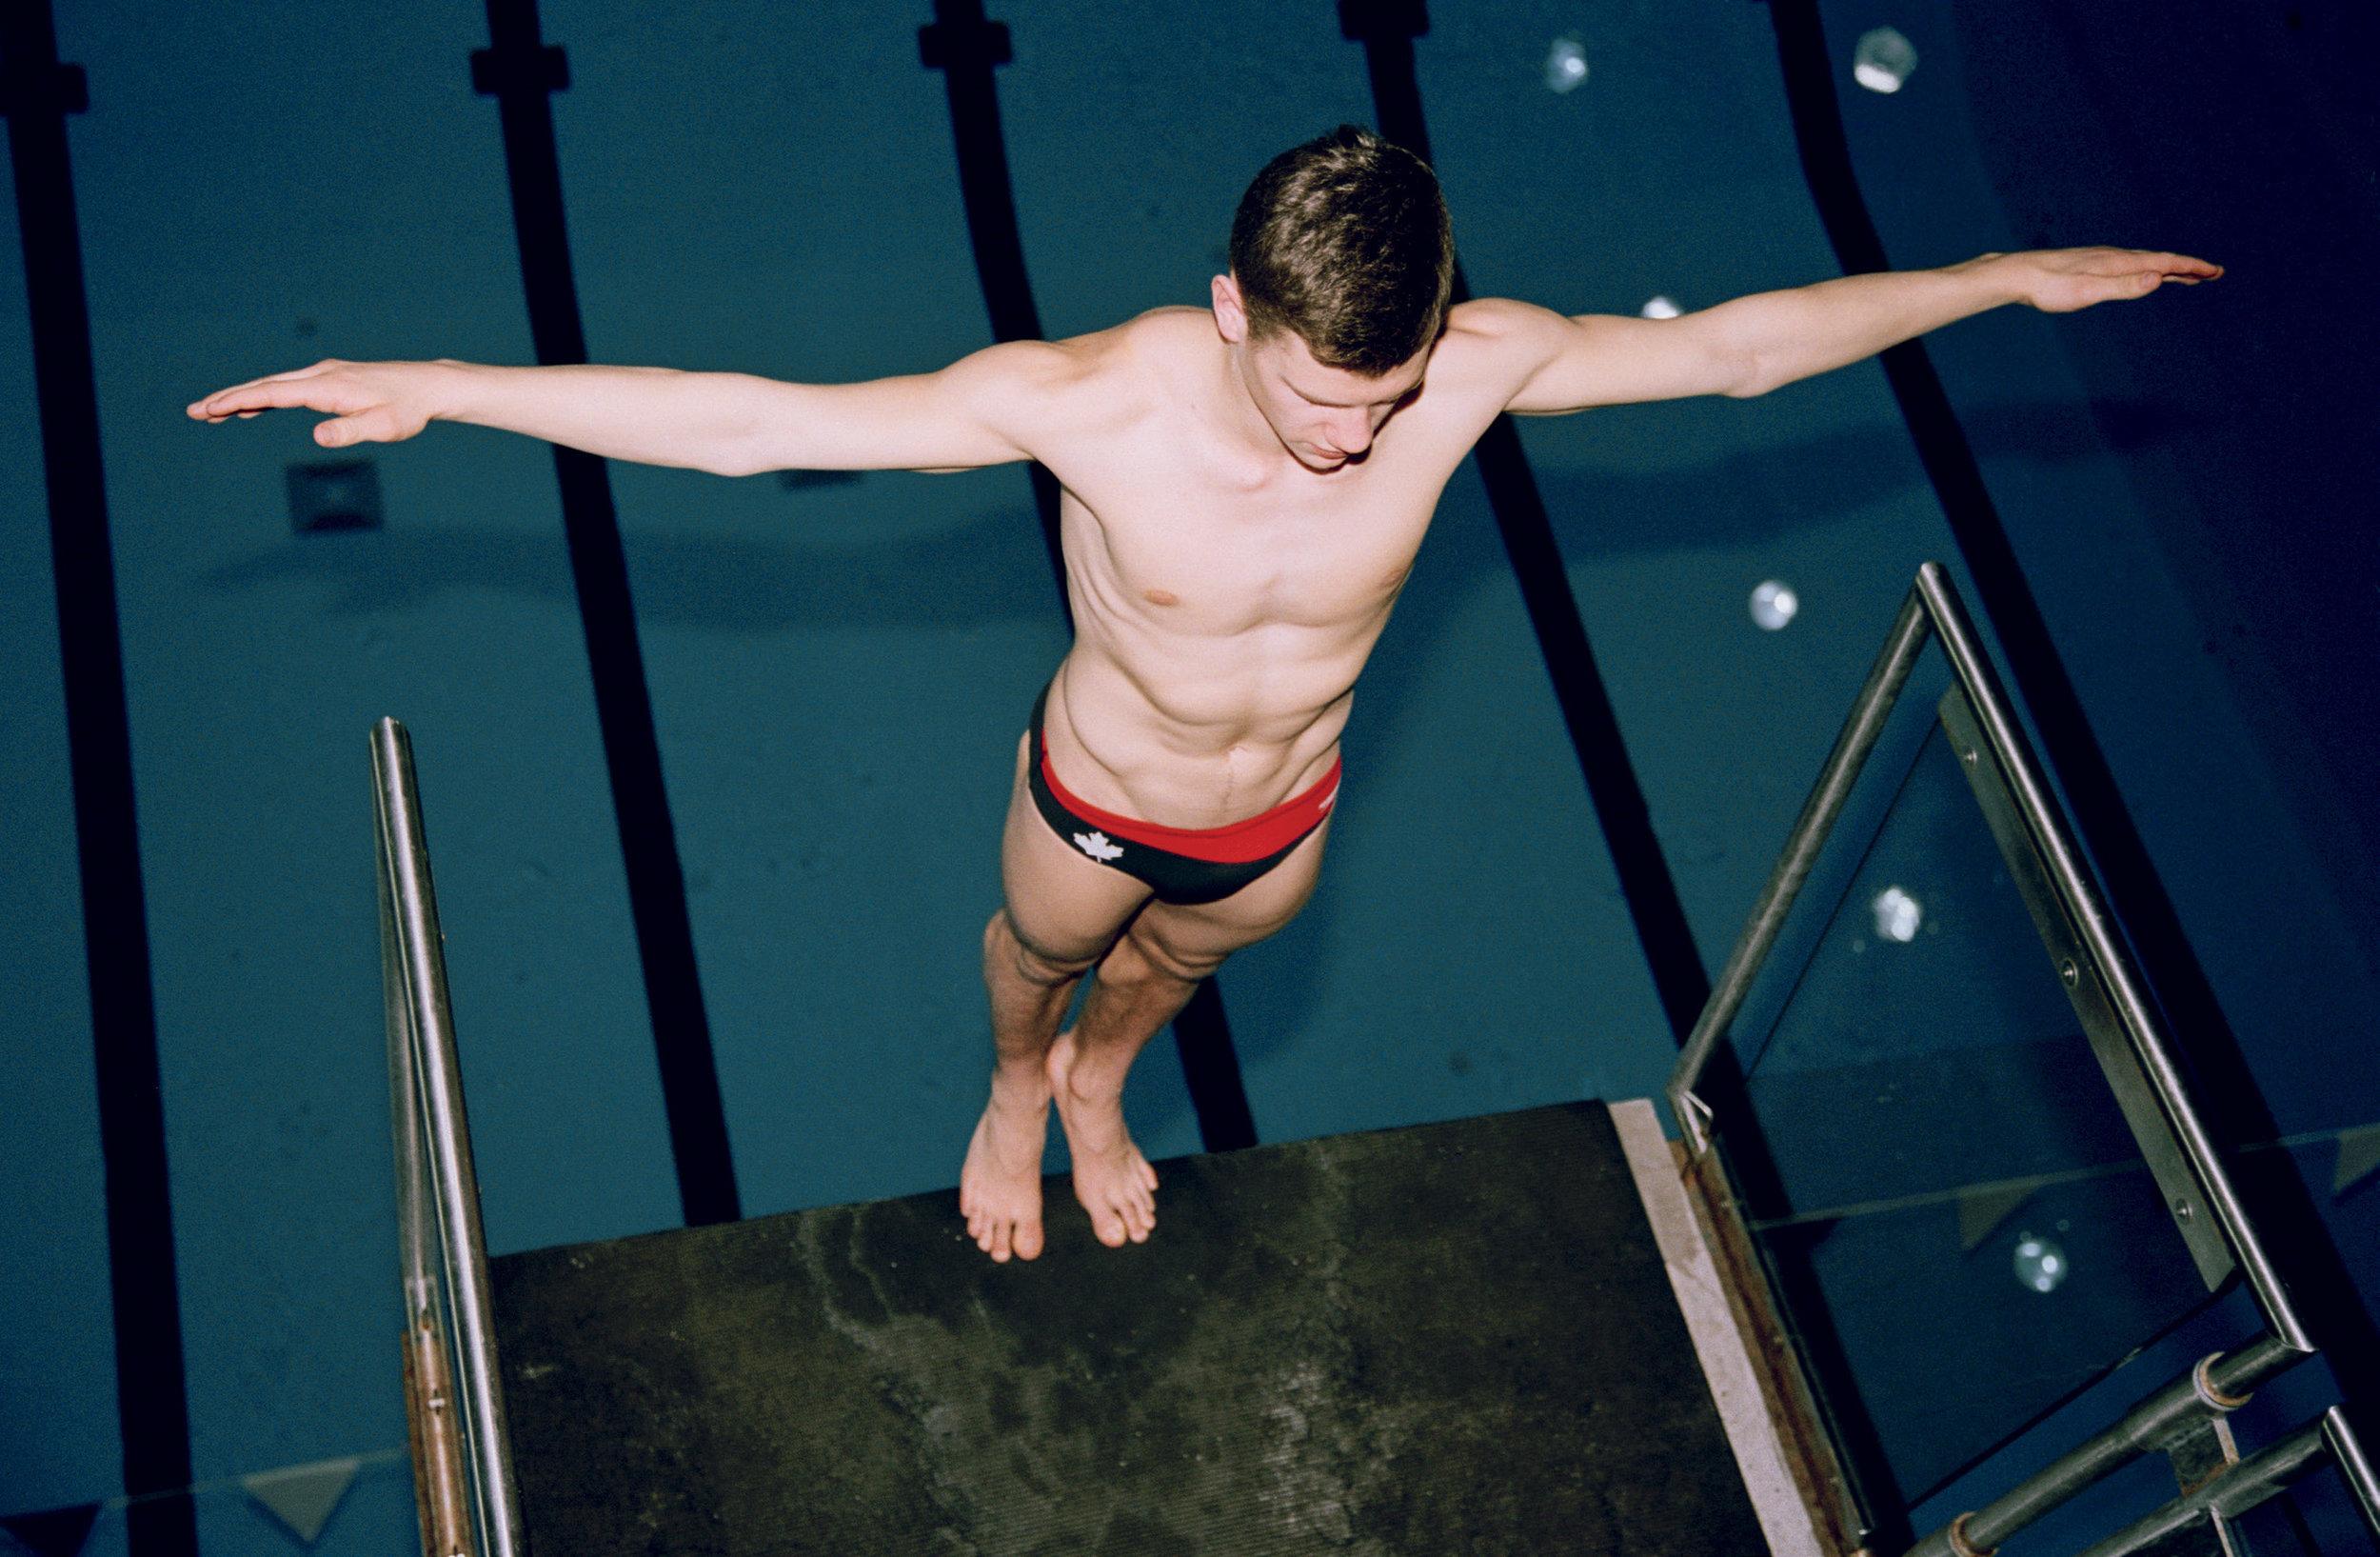 Vincent Riendeau, Canadian Olympic Diver